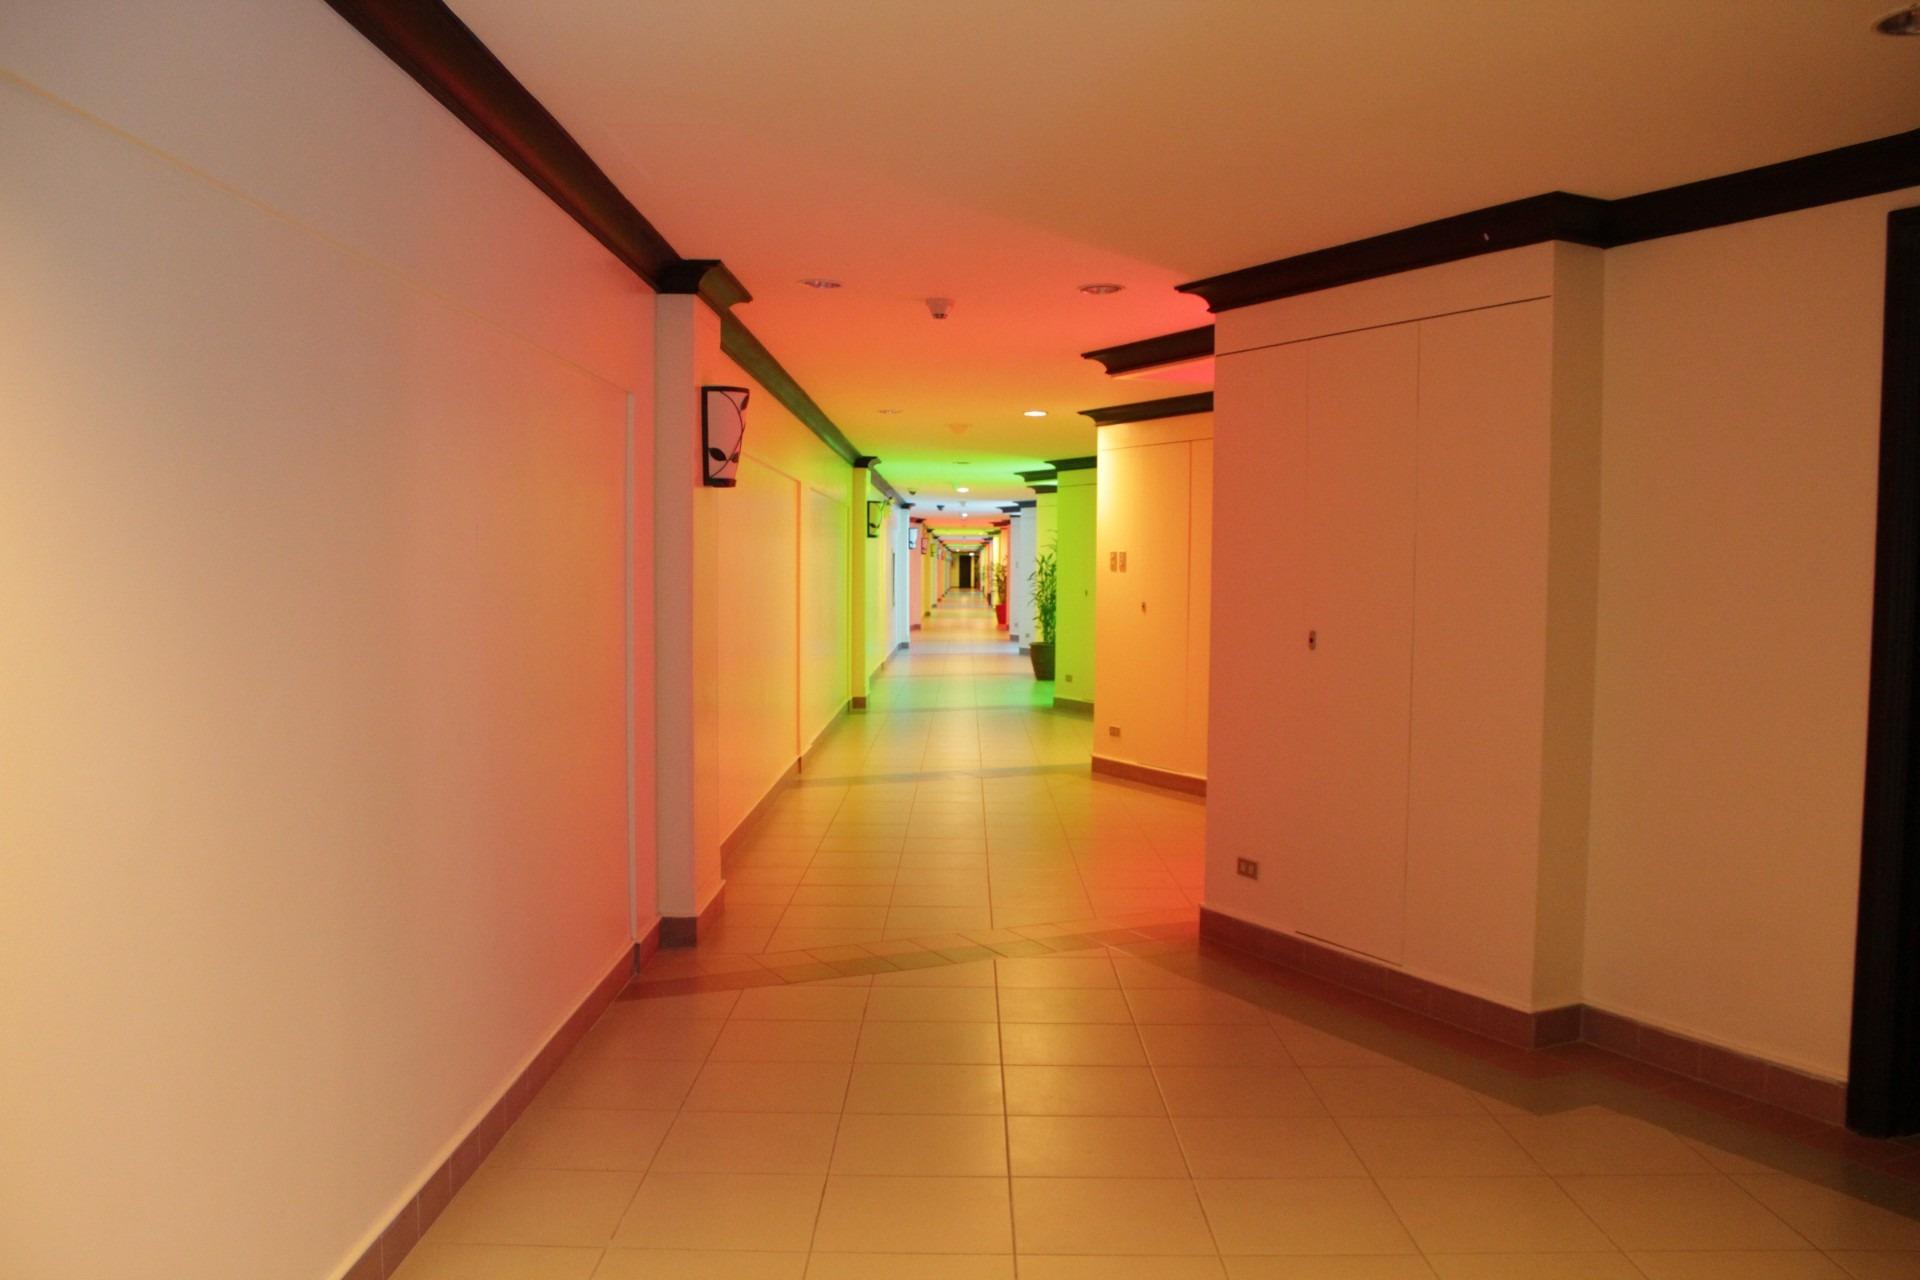 Images Gratuites : sol, maison, mur, salle, Couleur, propriété ...